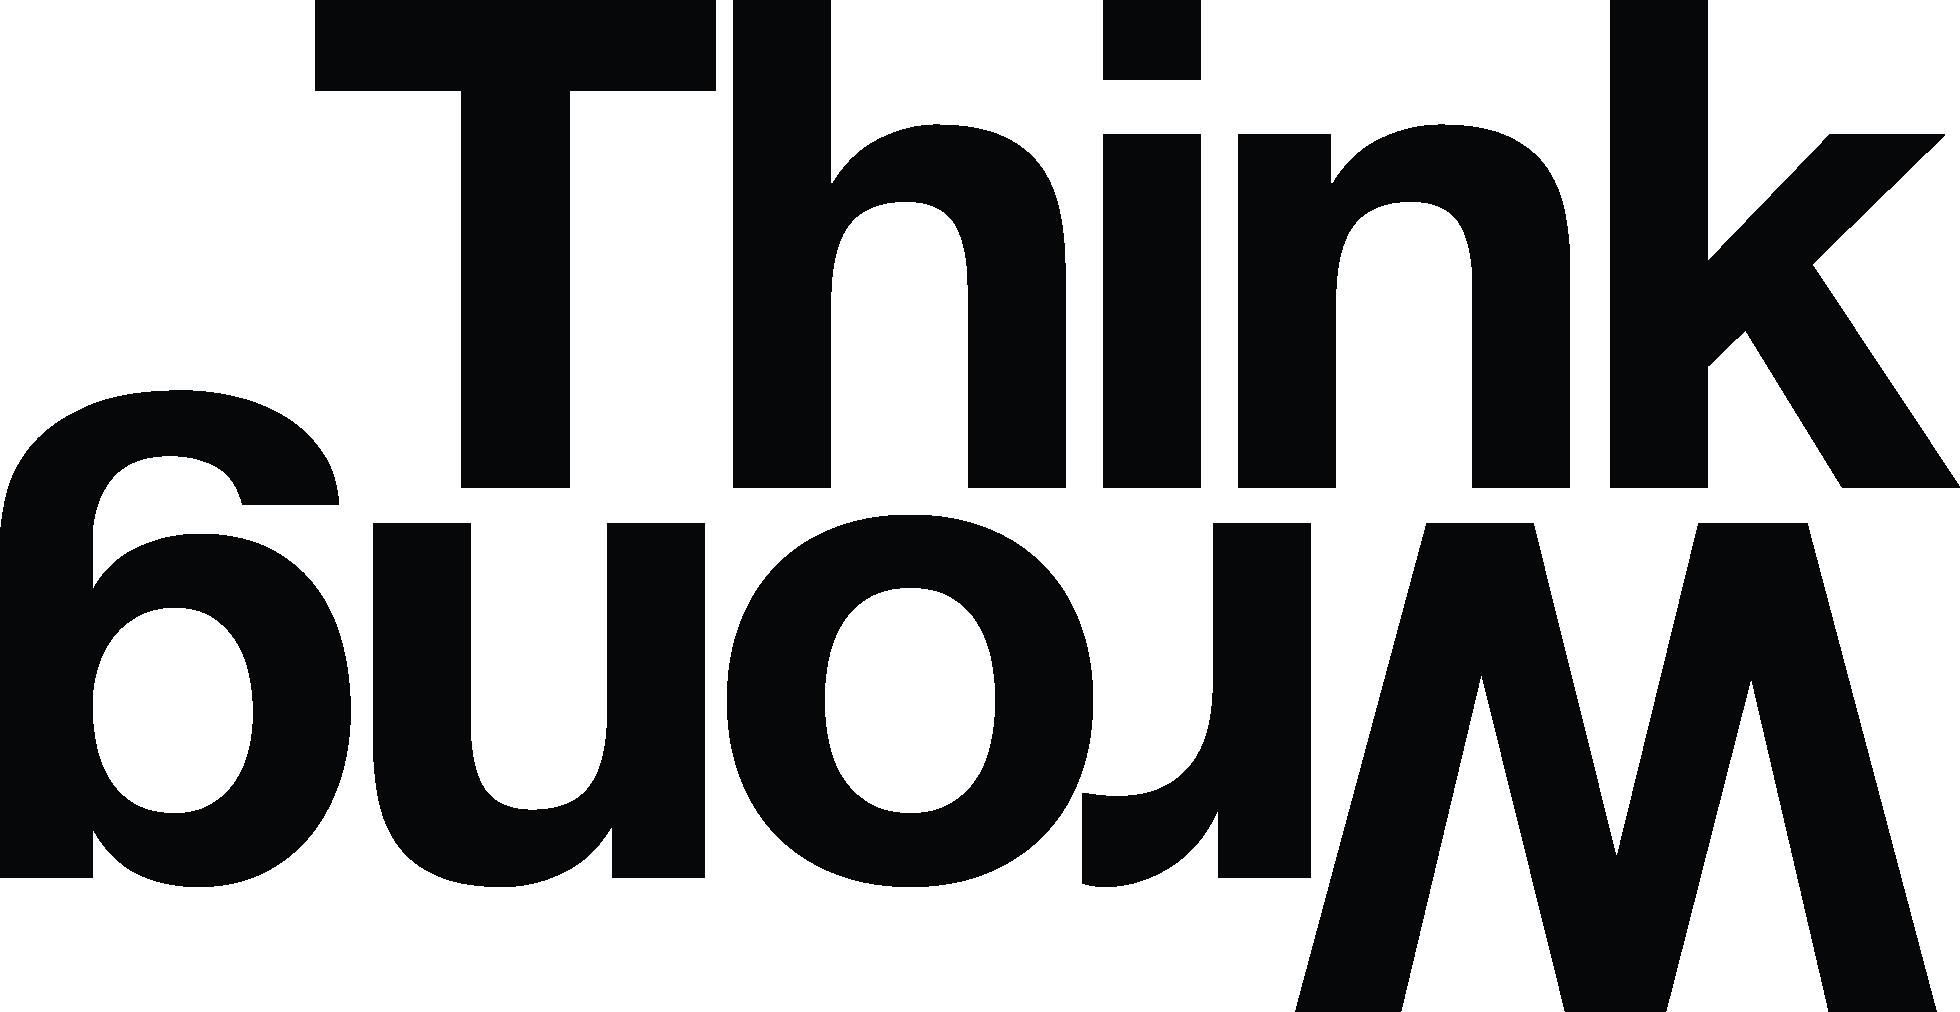 ThinkWrongLockup.png